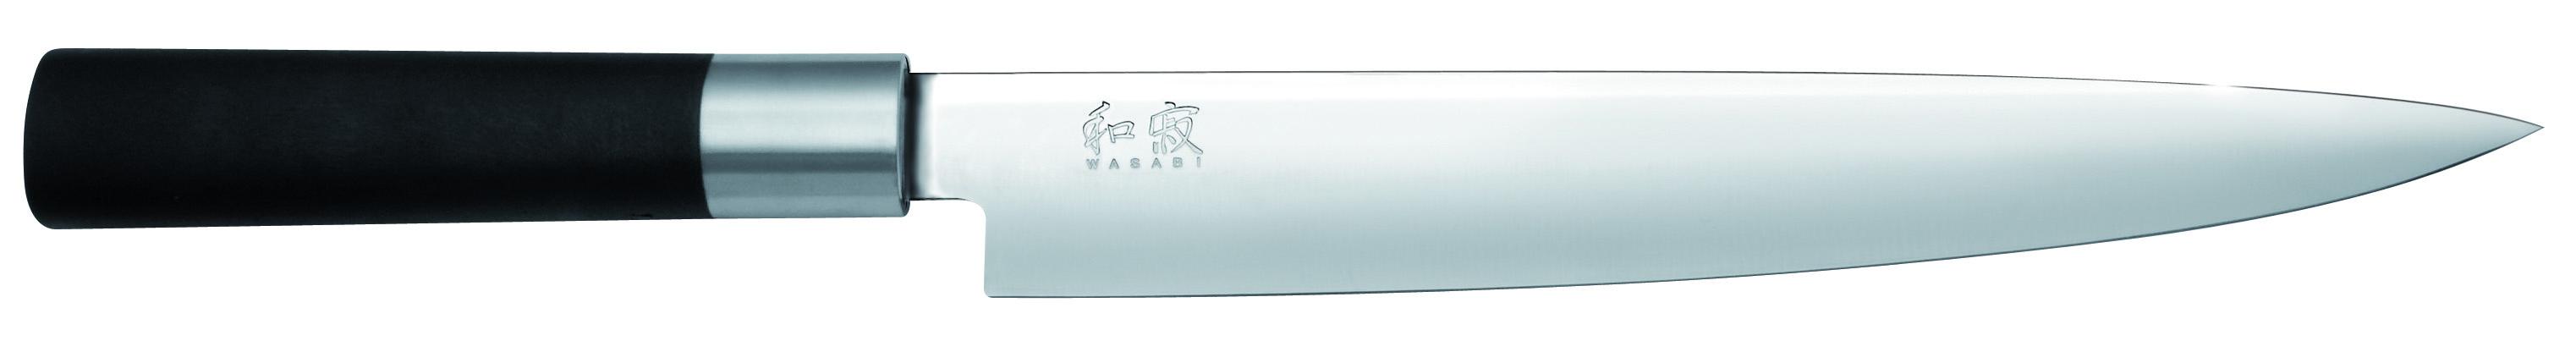 Filetovací nôž Wasabi Black 6723L